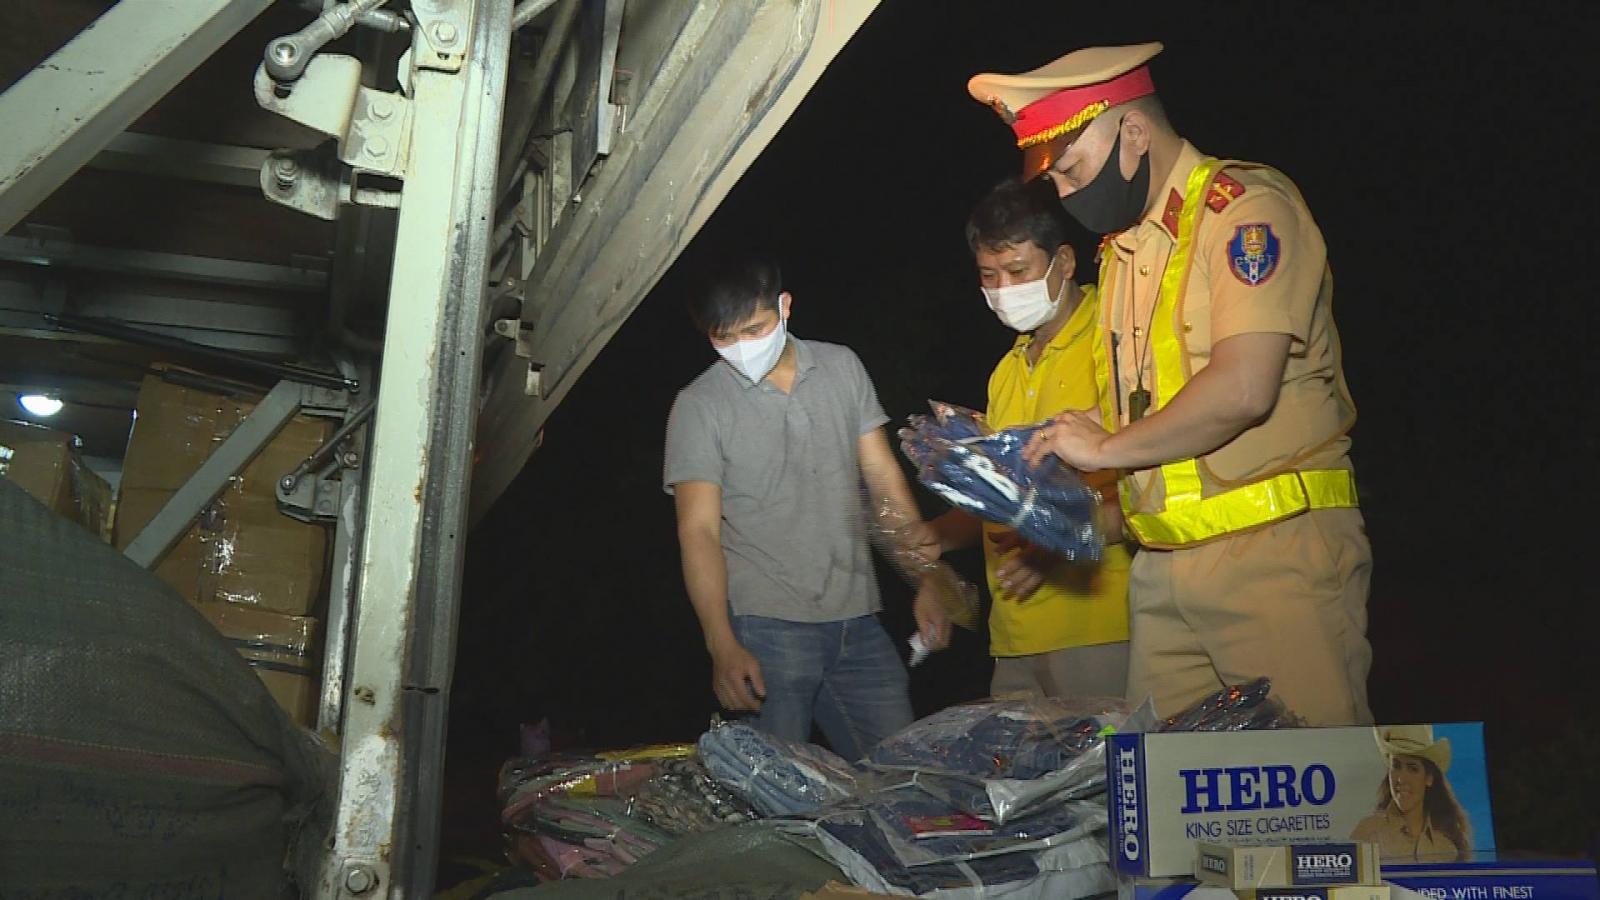 Vận chuyển gần 3 tạ quần áo mới và 1.200 bao thuốc lá lậu, tài xế bị xử lý